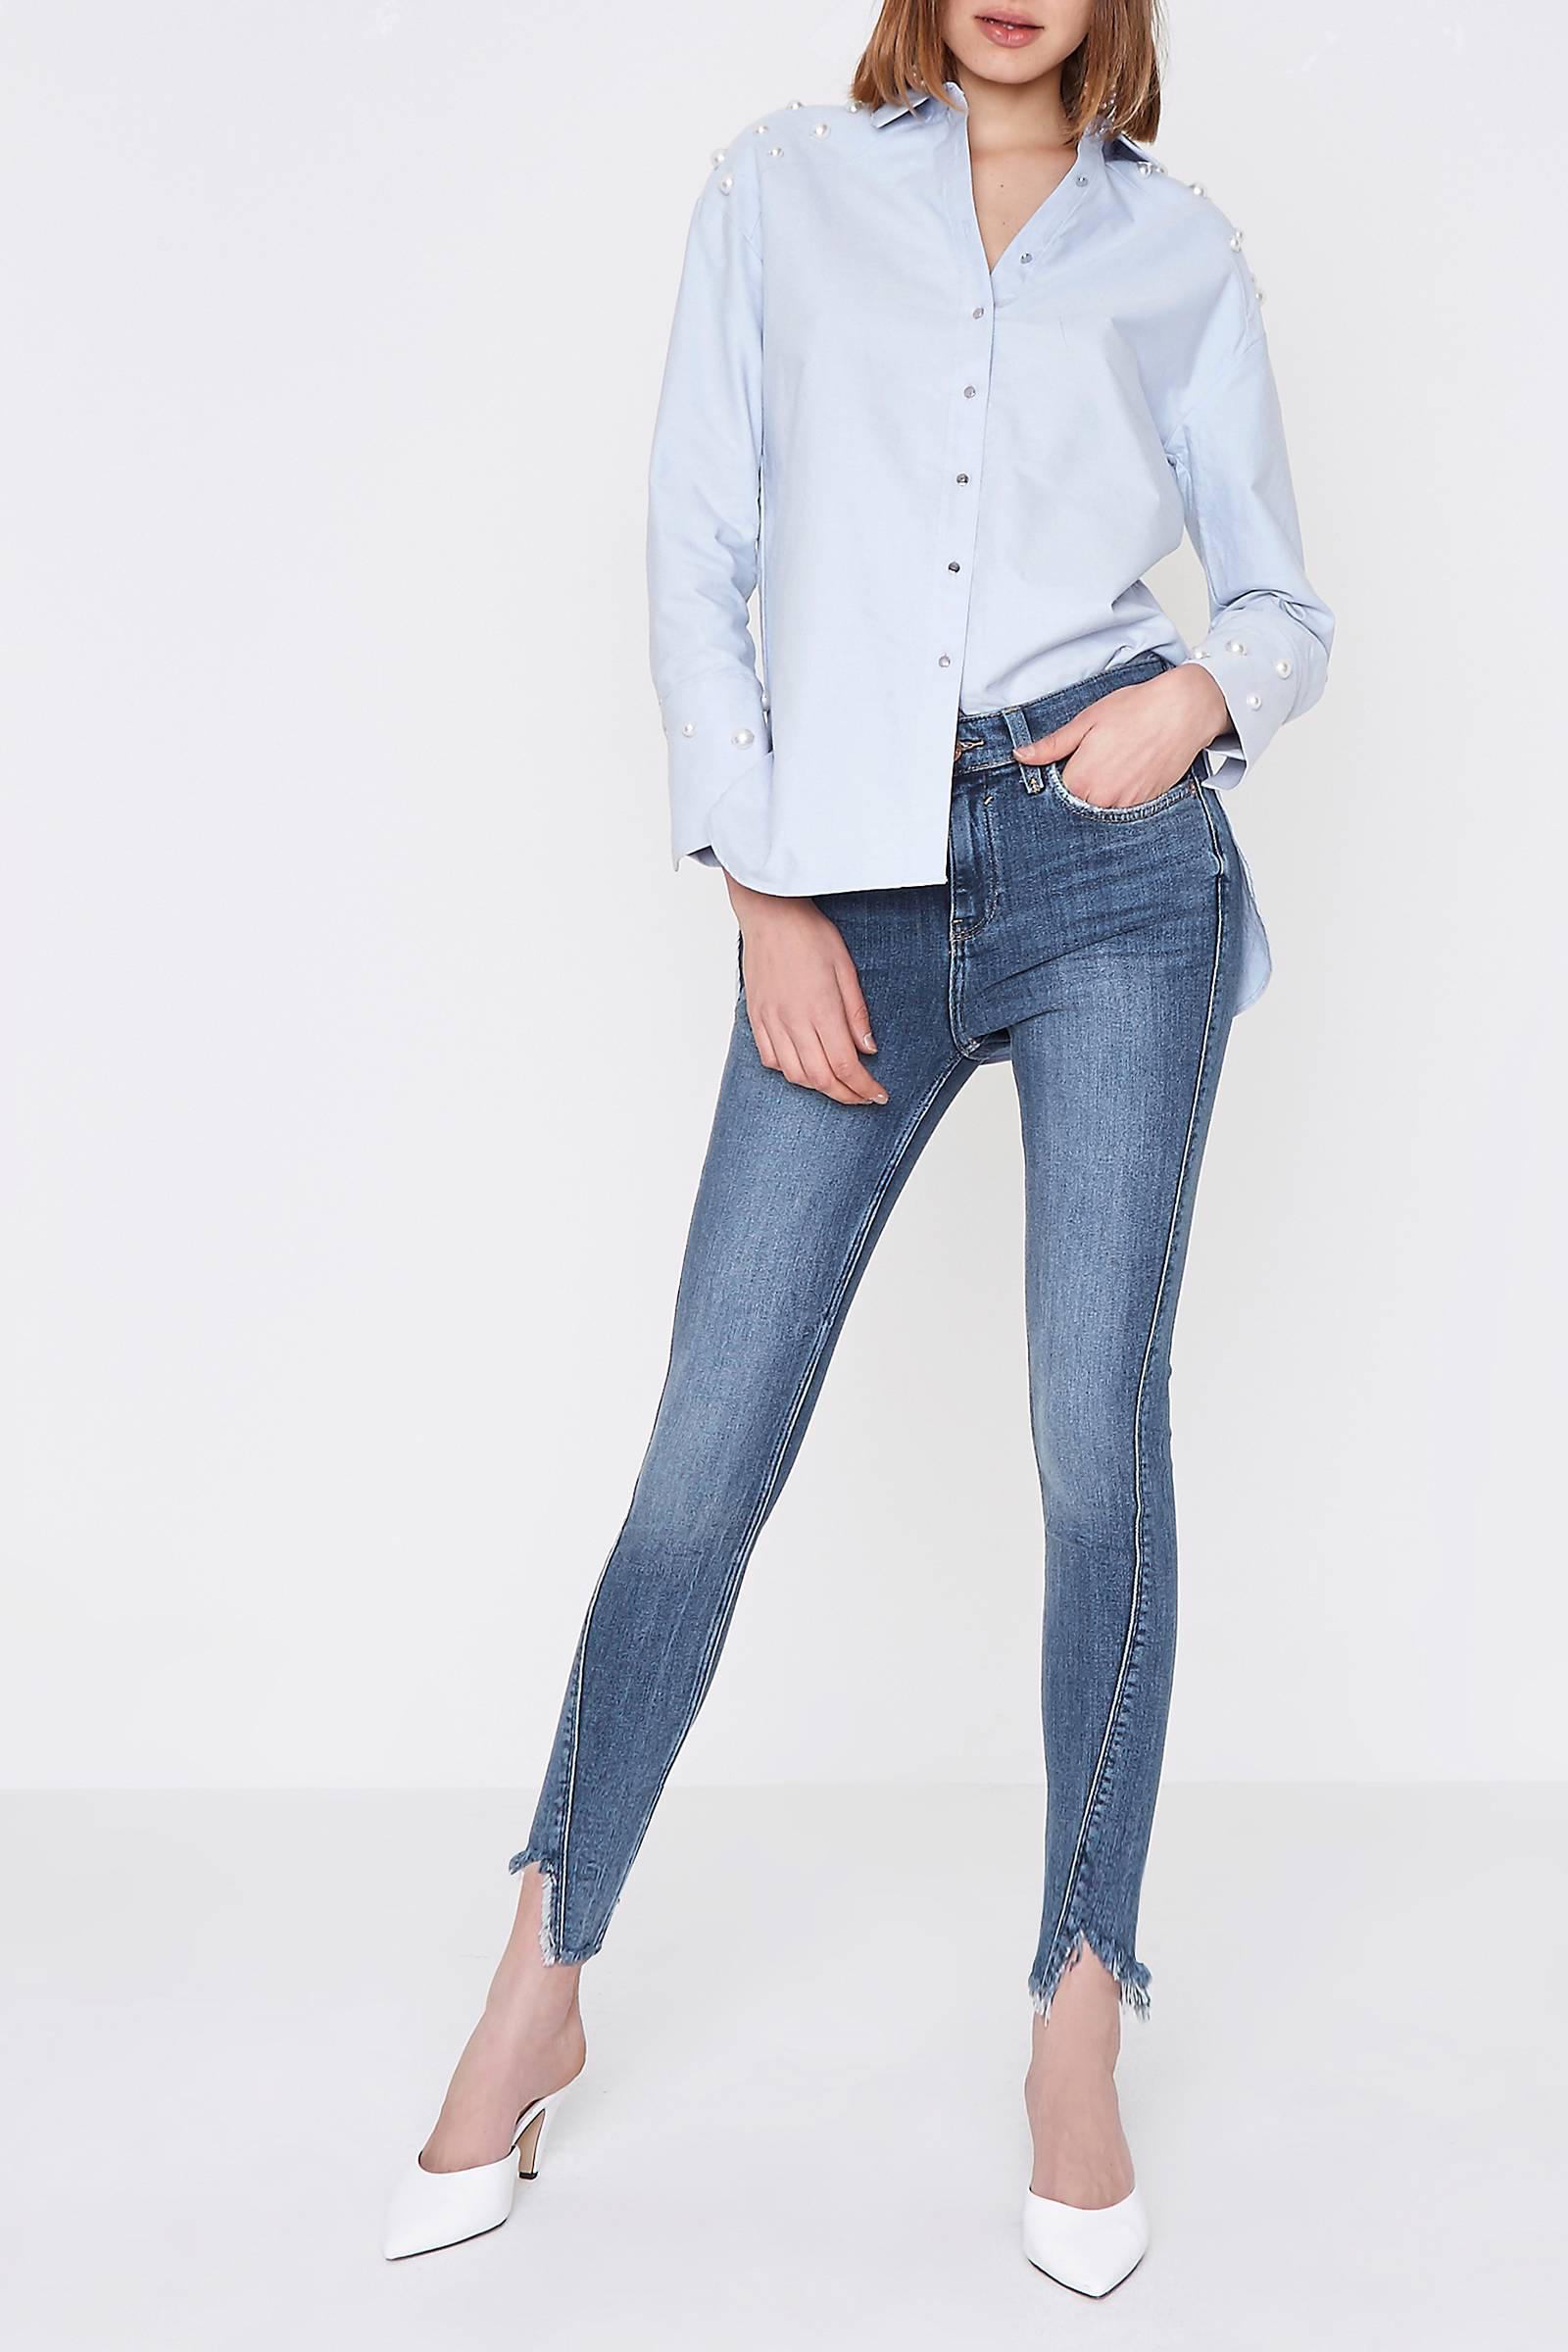 febf6fe08eac63 River Island super skinny jeans Amelie met gerafelde zoom   wehkamp